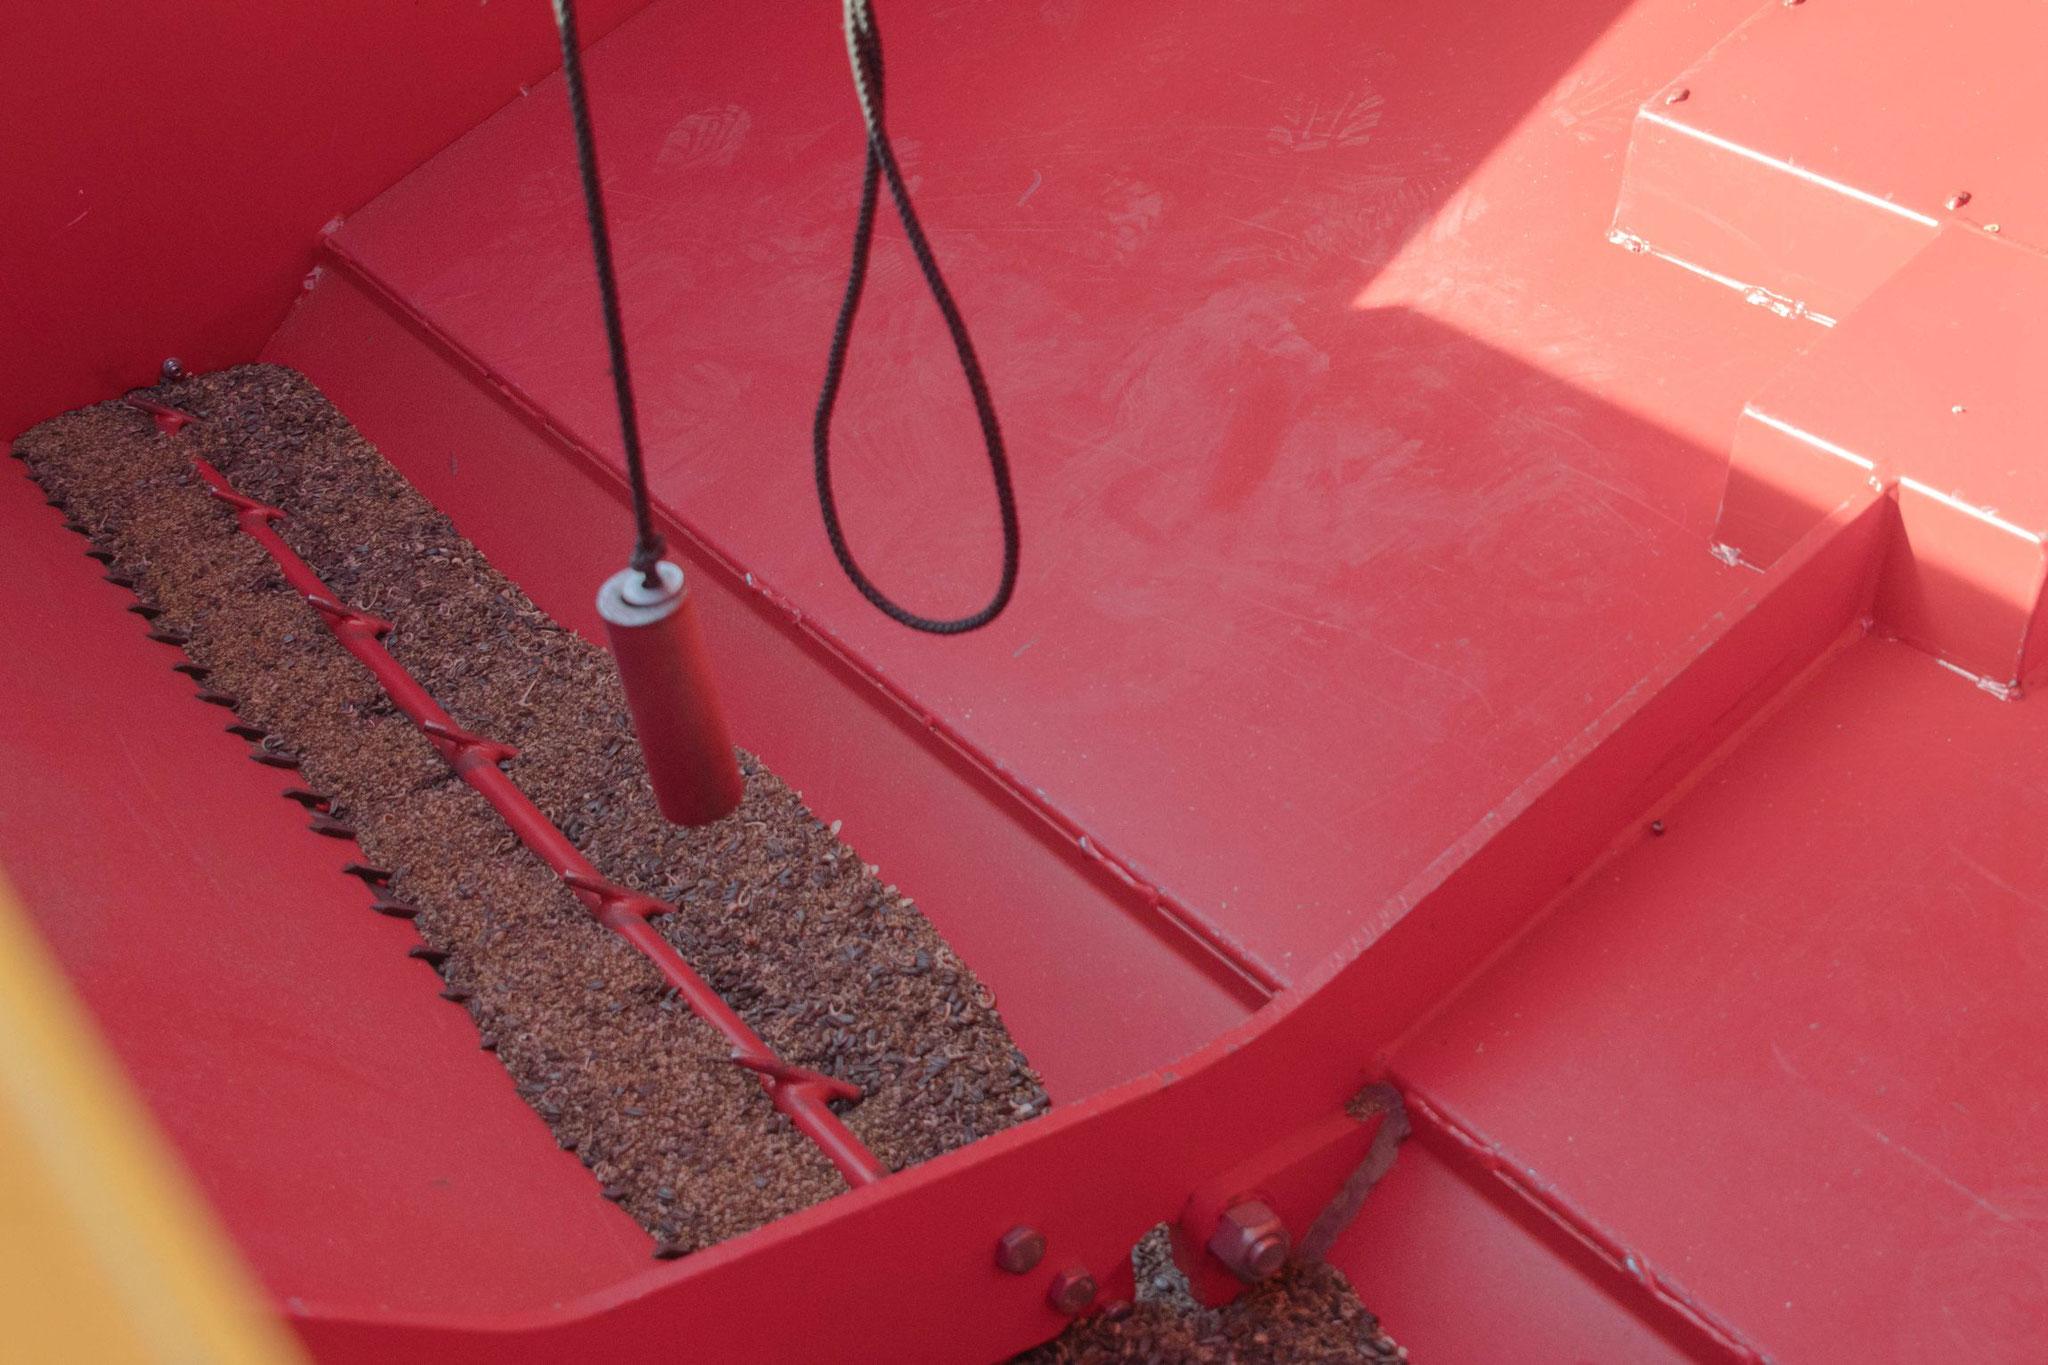 Überprüfen der Menge des Saatgutes